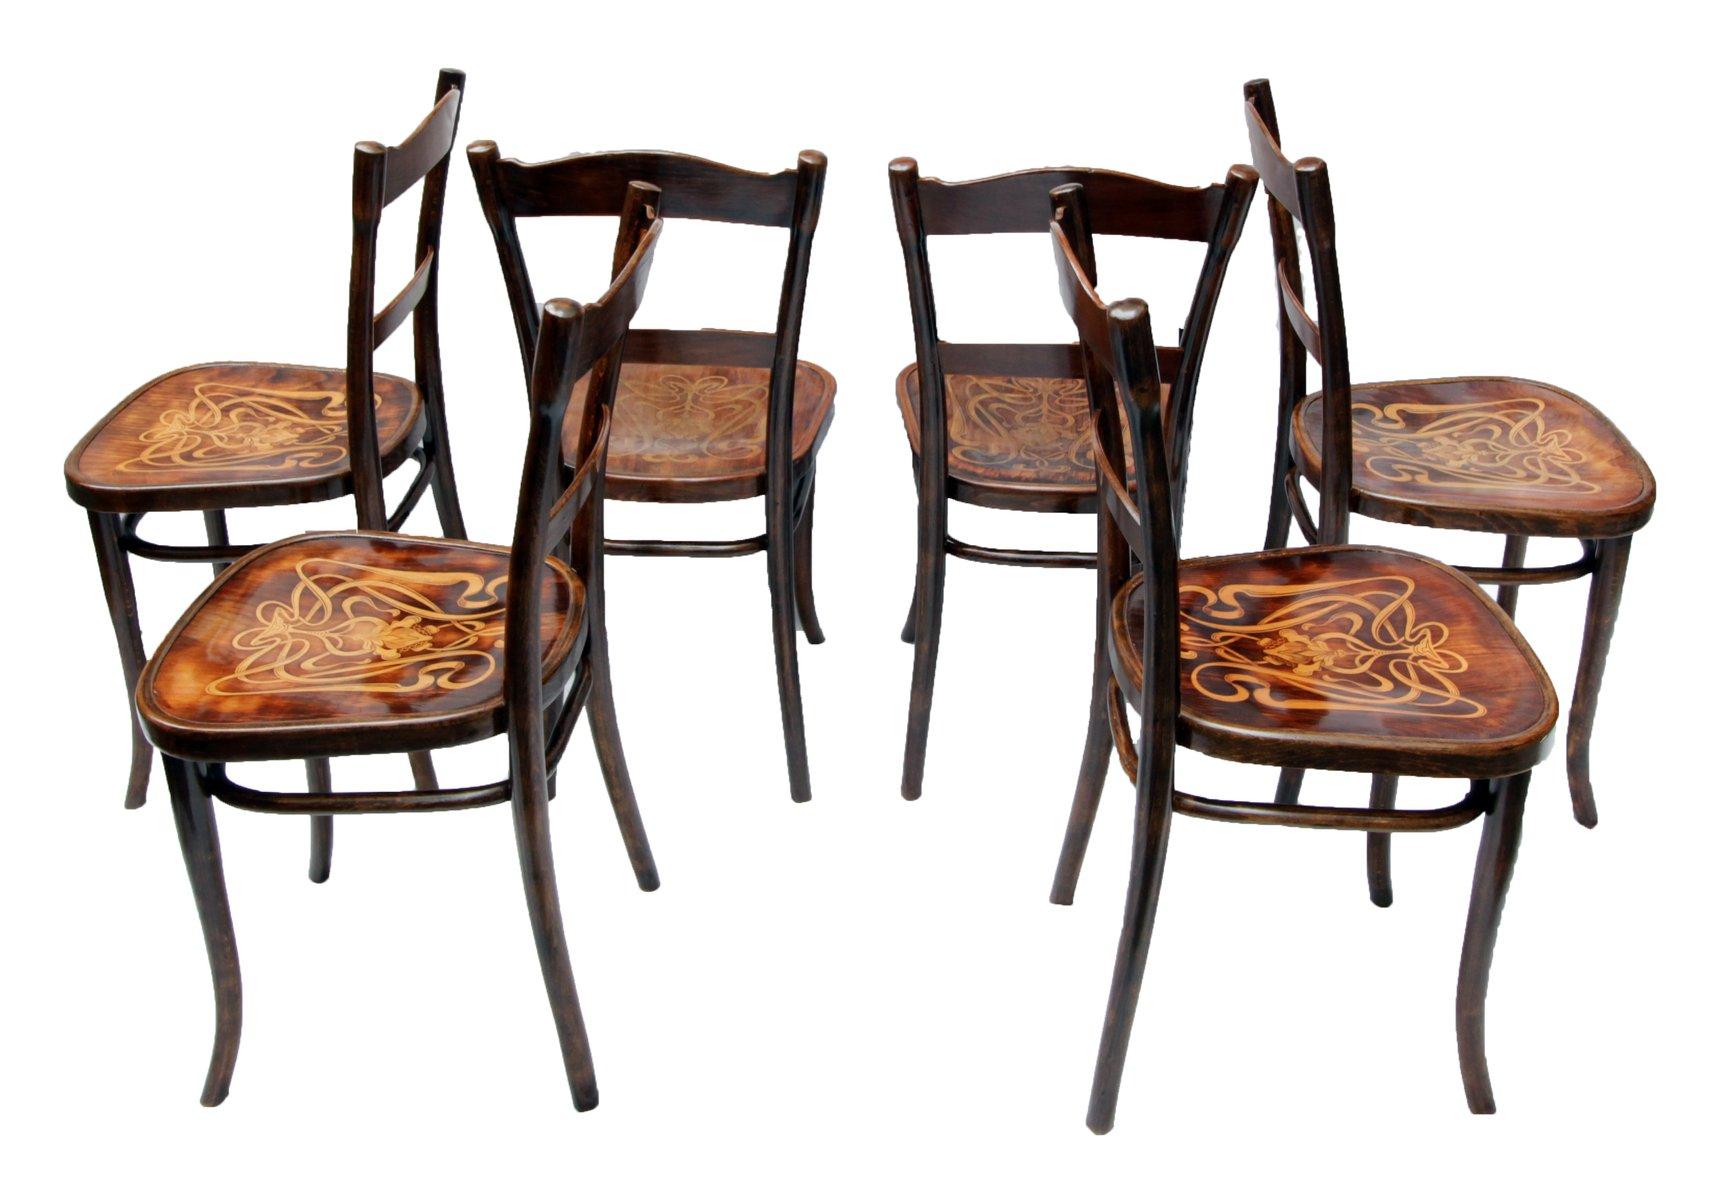 antike dekorierte bugholz esszimmerst hle von thonet 6er. Black Bedroom Furniture Sets. Home Design Ideas